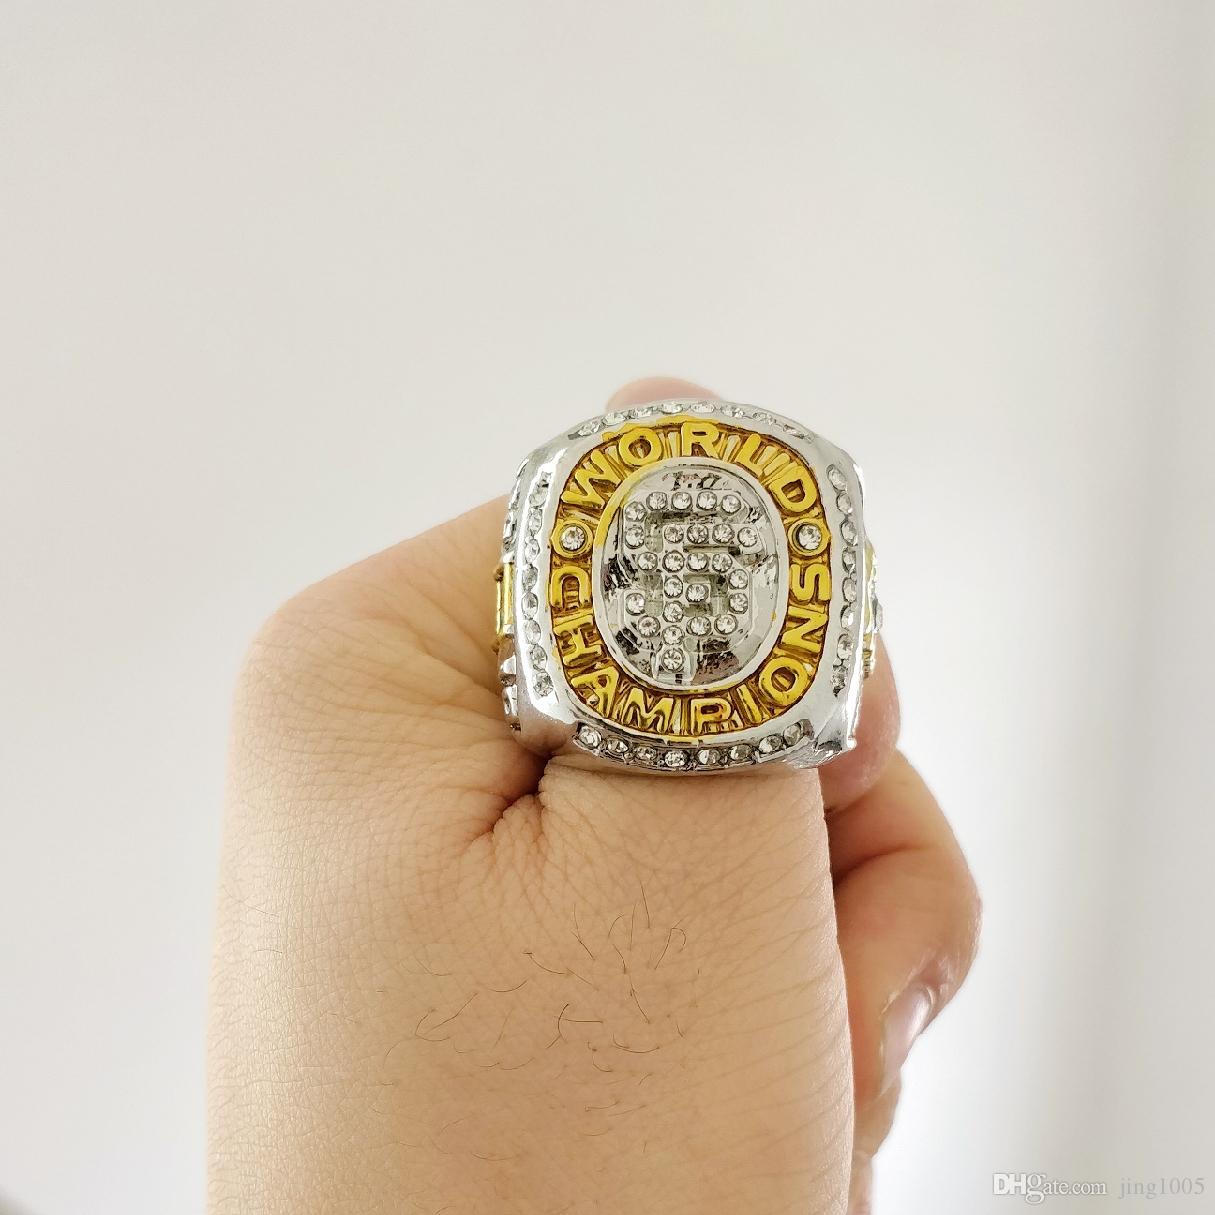 Nuovo arrivo Champions anello 2010 San Francisco Giant s World Championship Anello Fan regalo all'ingrosso di alta qualità Drop Shipping